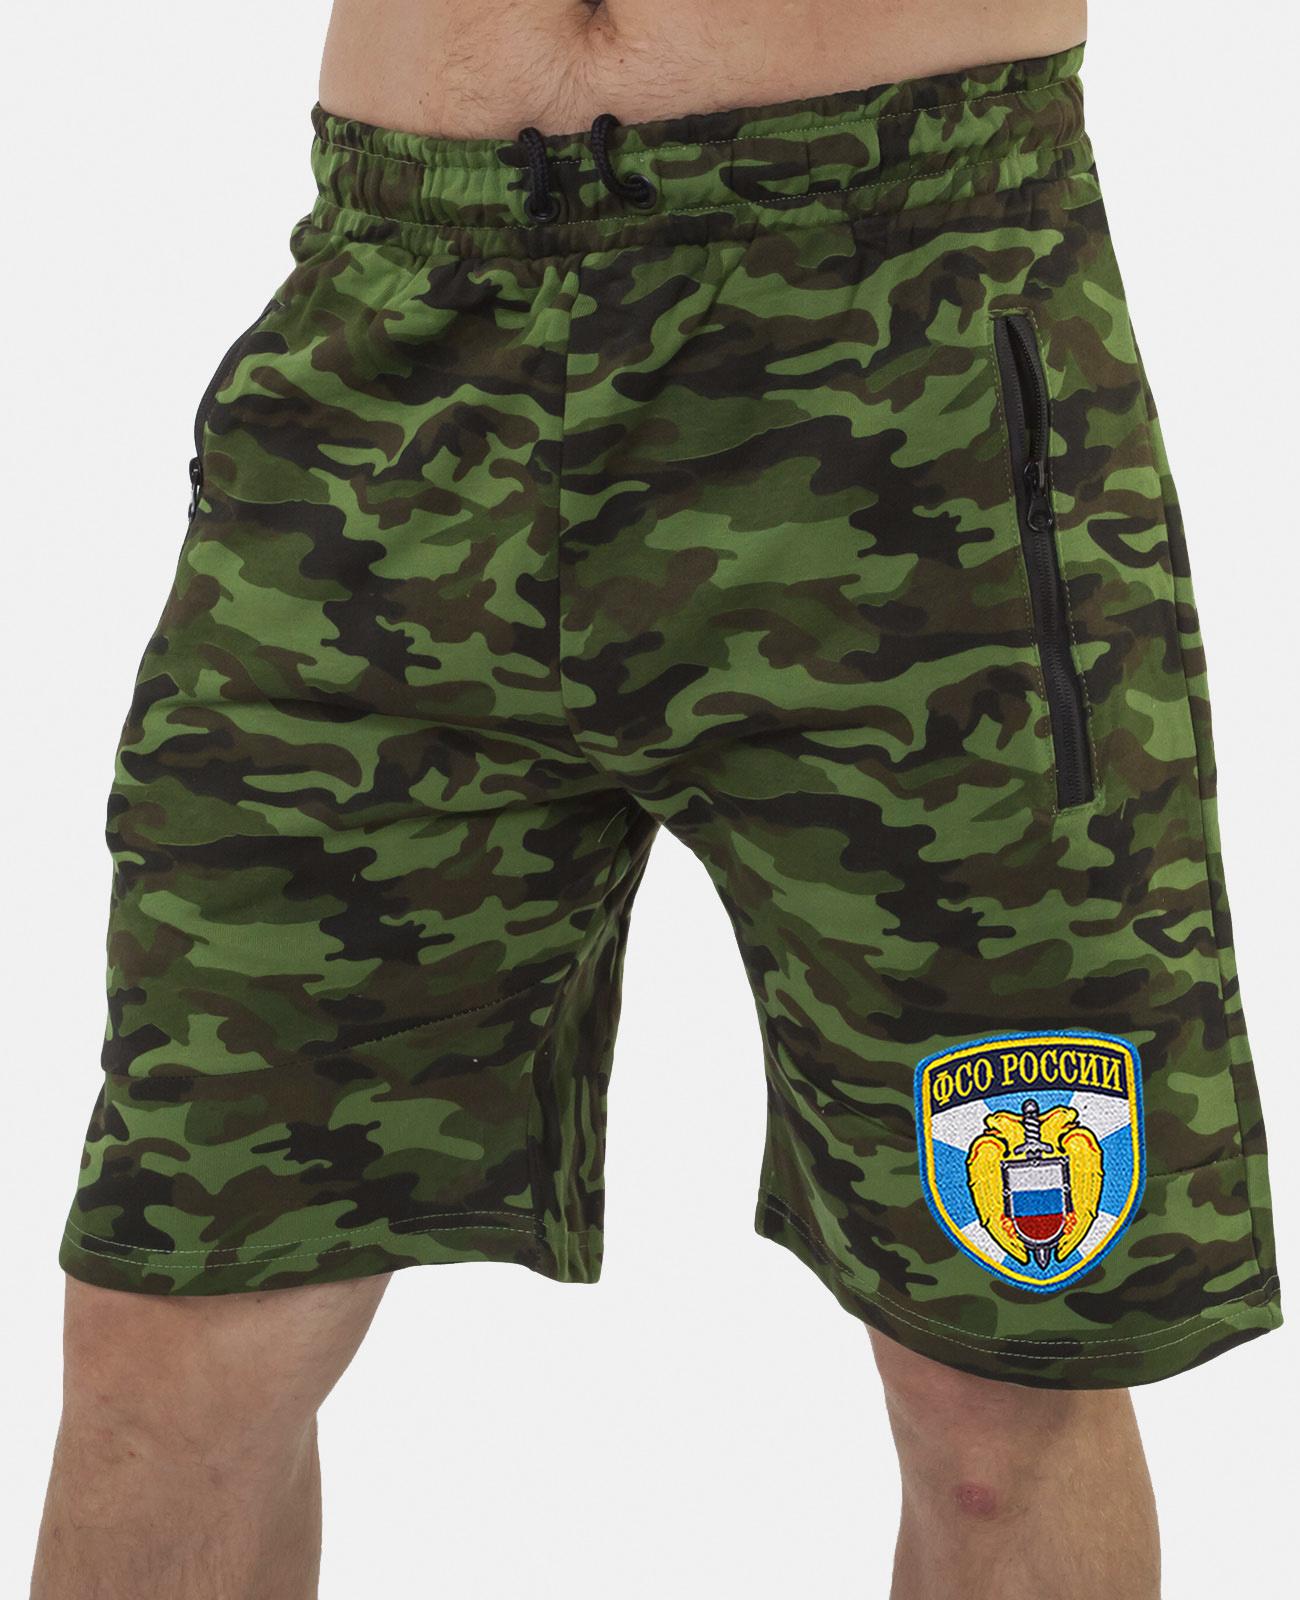 Купить военные особые шорты с нашивкой ФСО в подарок мужчине